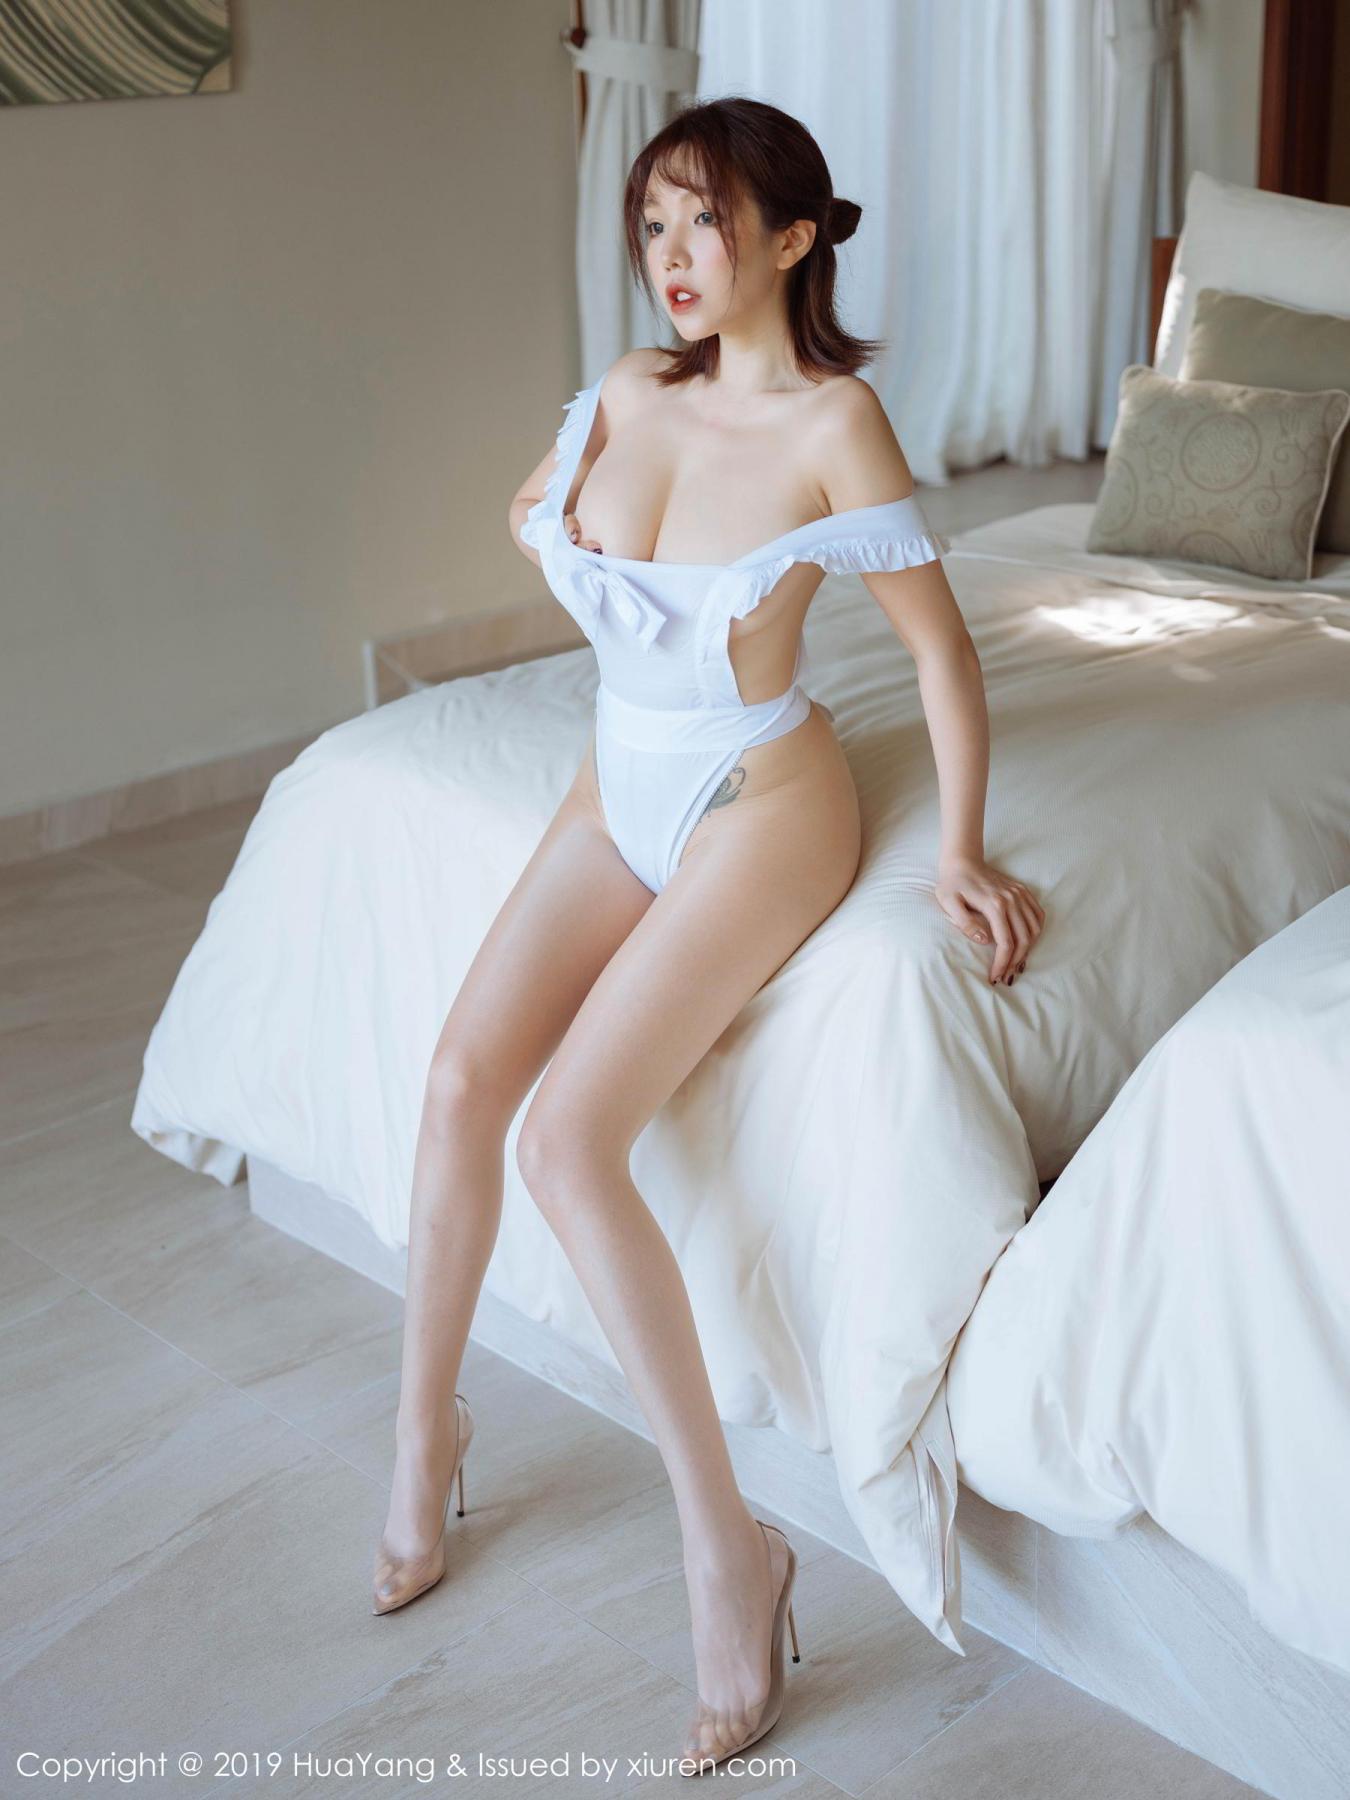 [Huayang] Vol.134 Huang Le Ran 11P, Huang Le Ran, HuaYang, Maid, Sexy